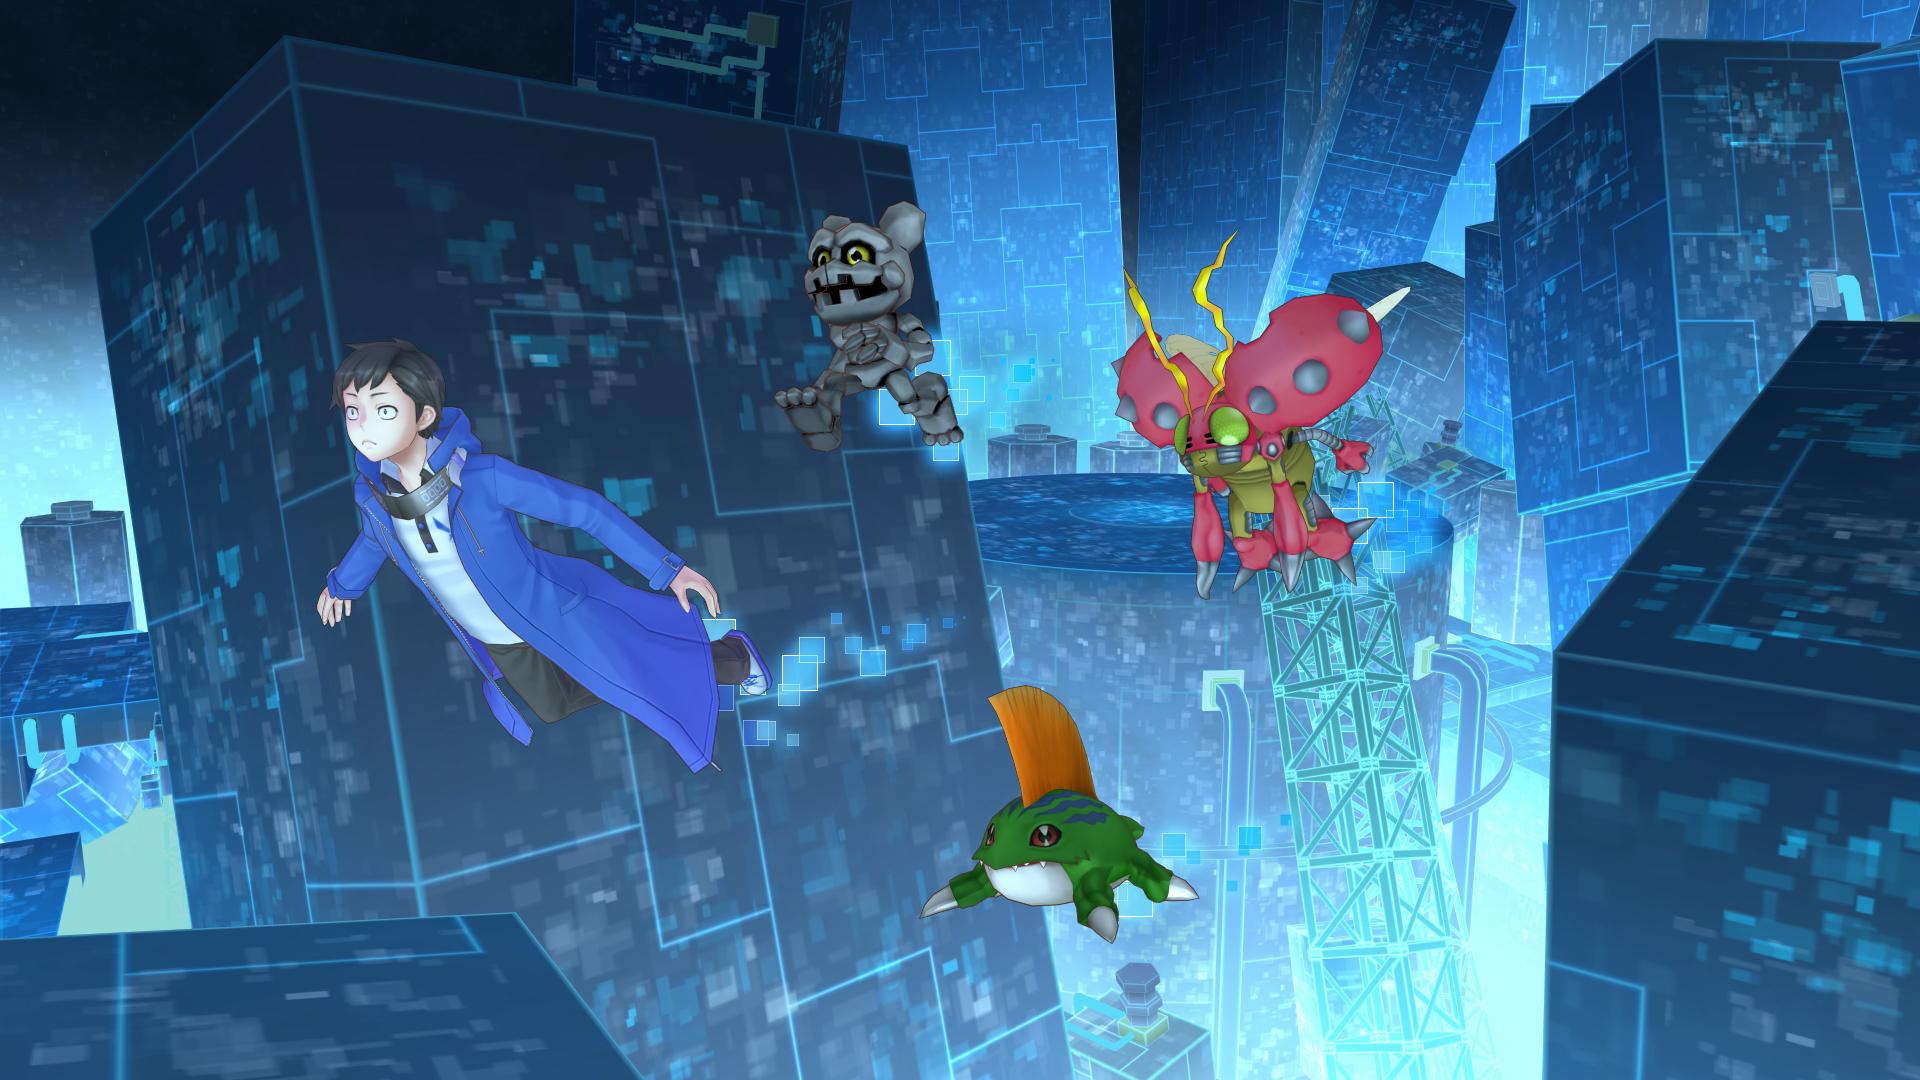 Začátkem příštího roku se můžeme těšit na nové Digimony 140518